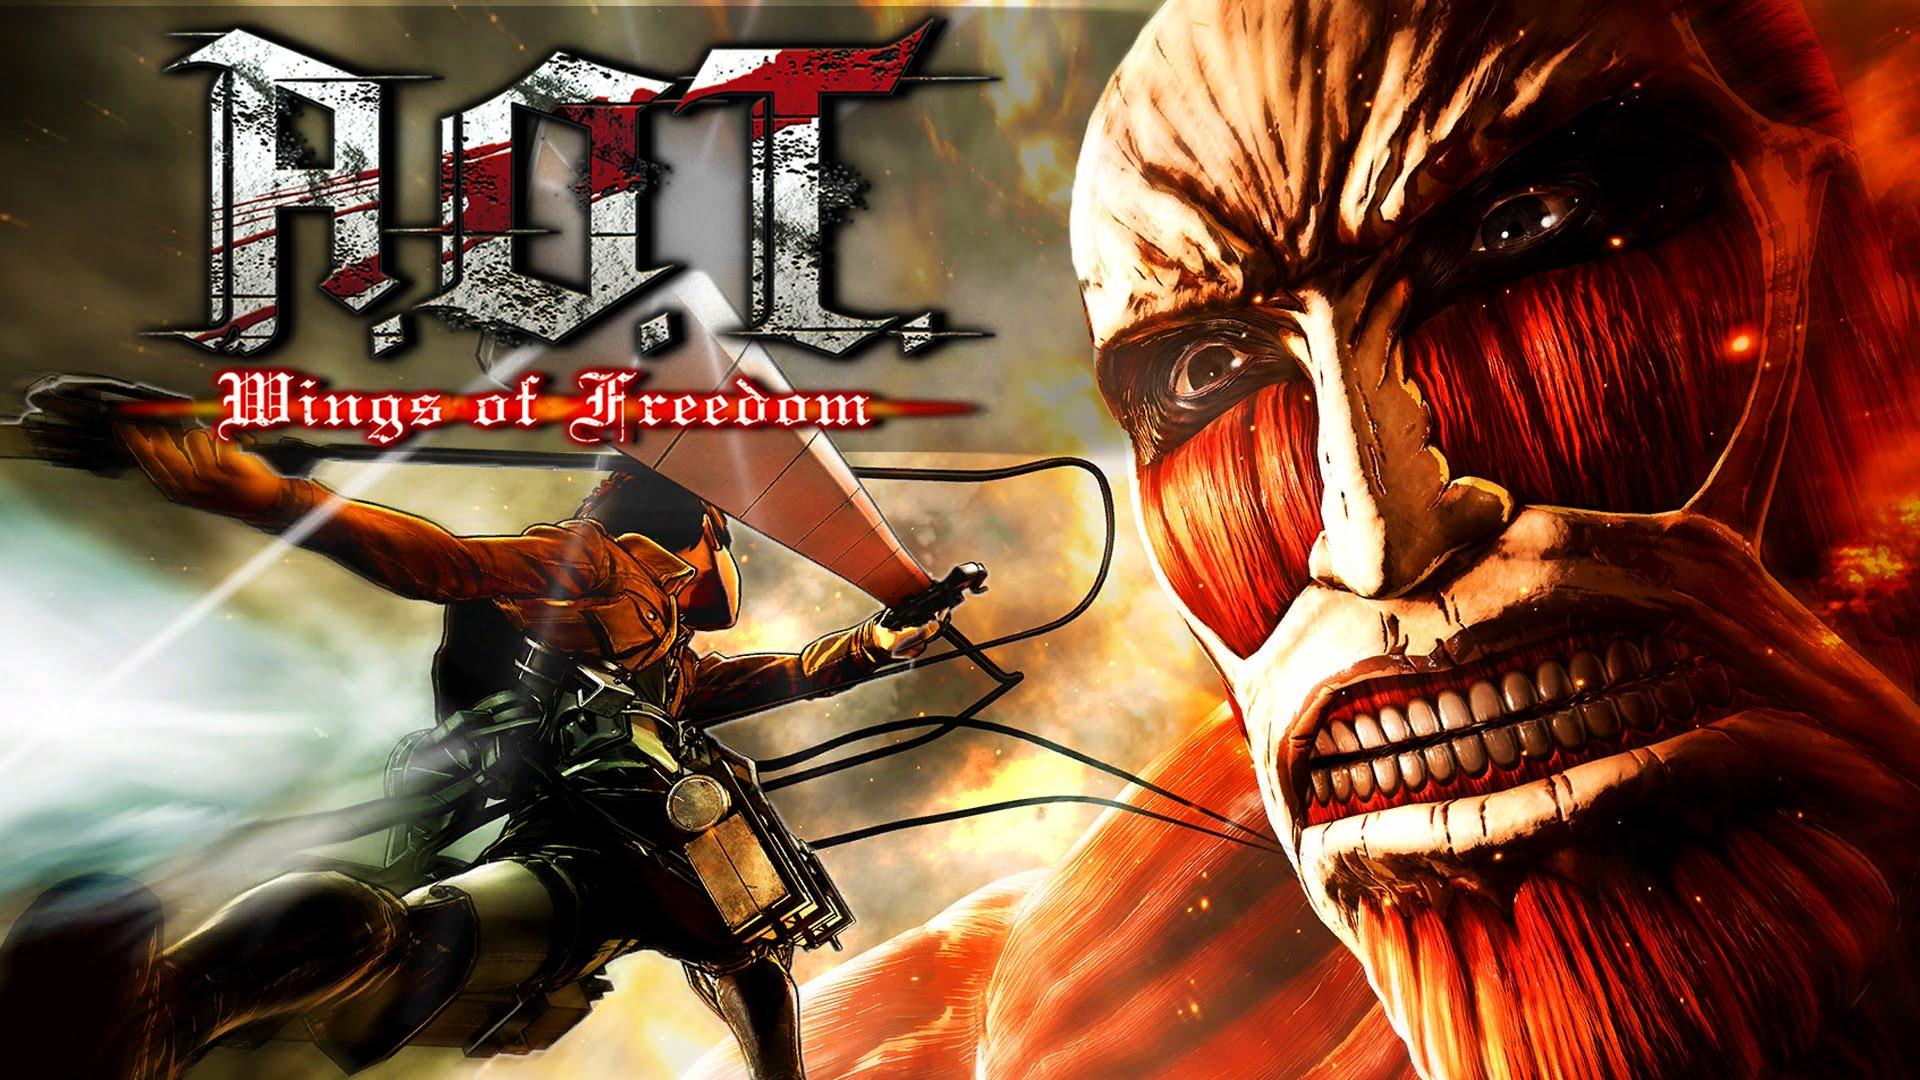 Пост-прохождение Attack of Titan: Wings of Freedom Часть 2 - Изображение 1